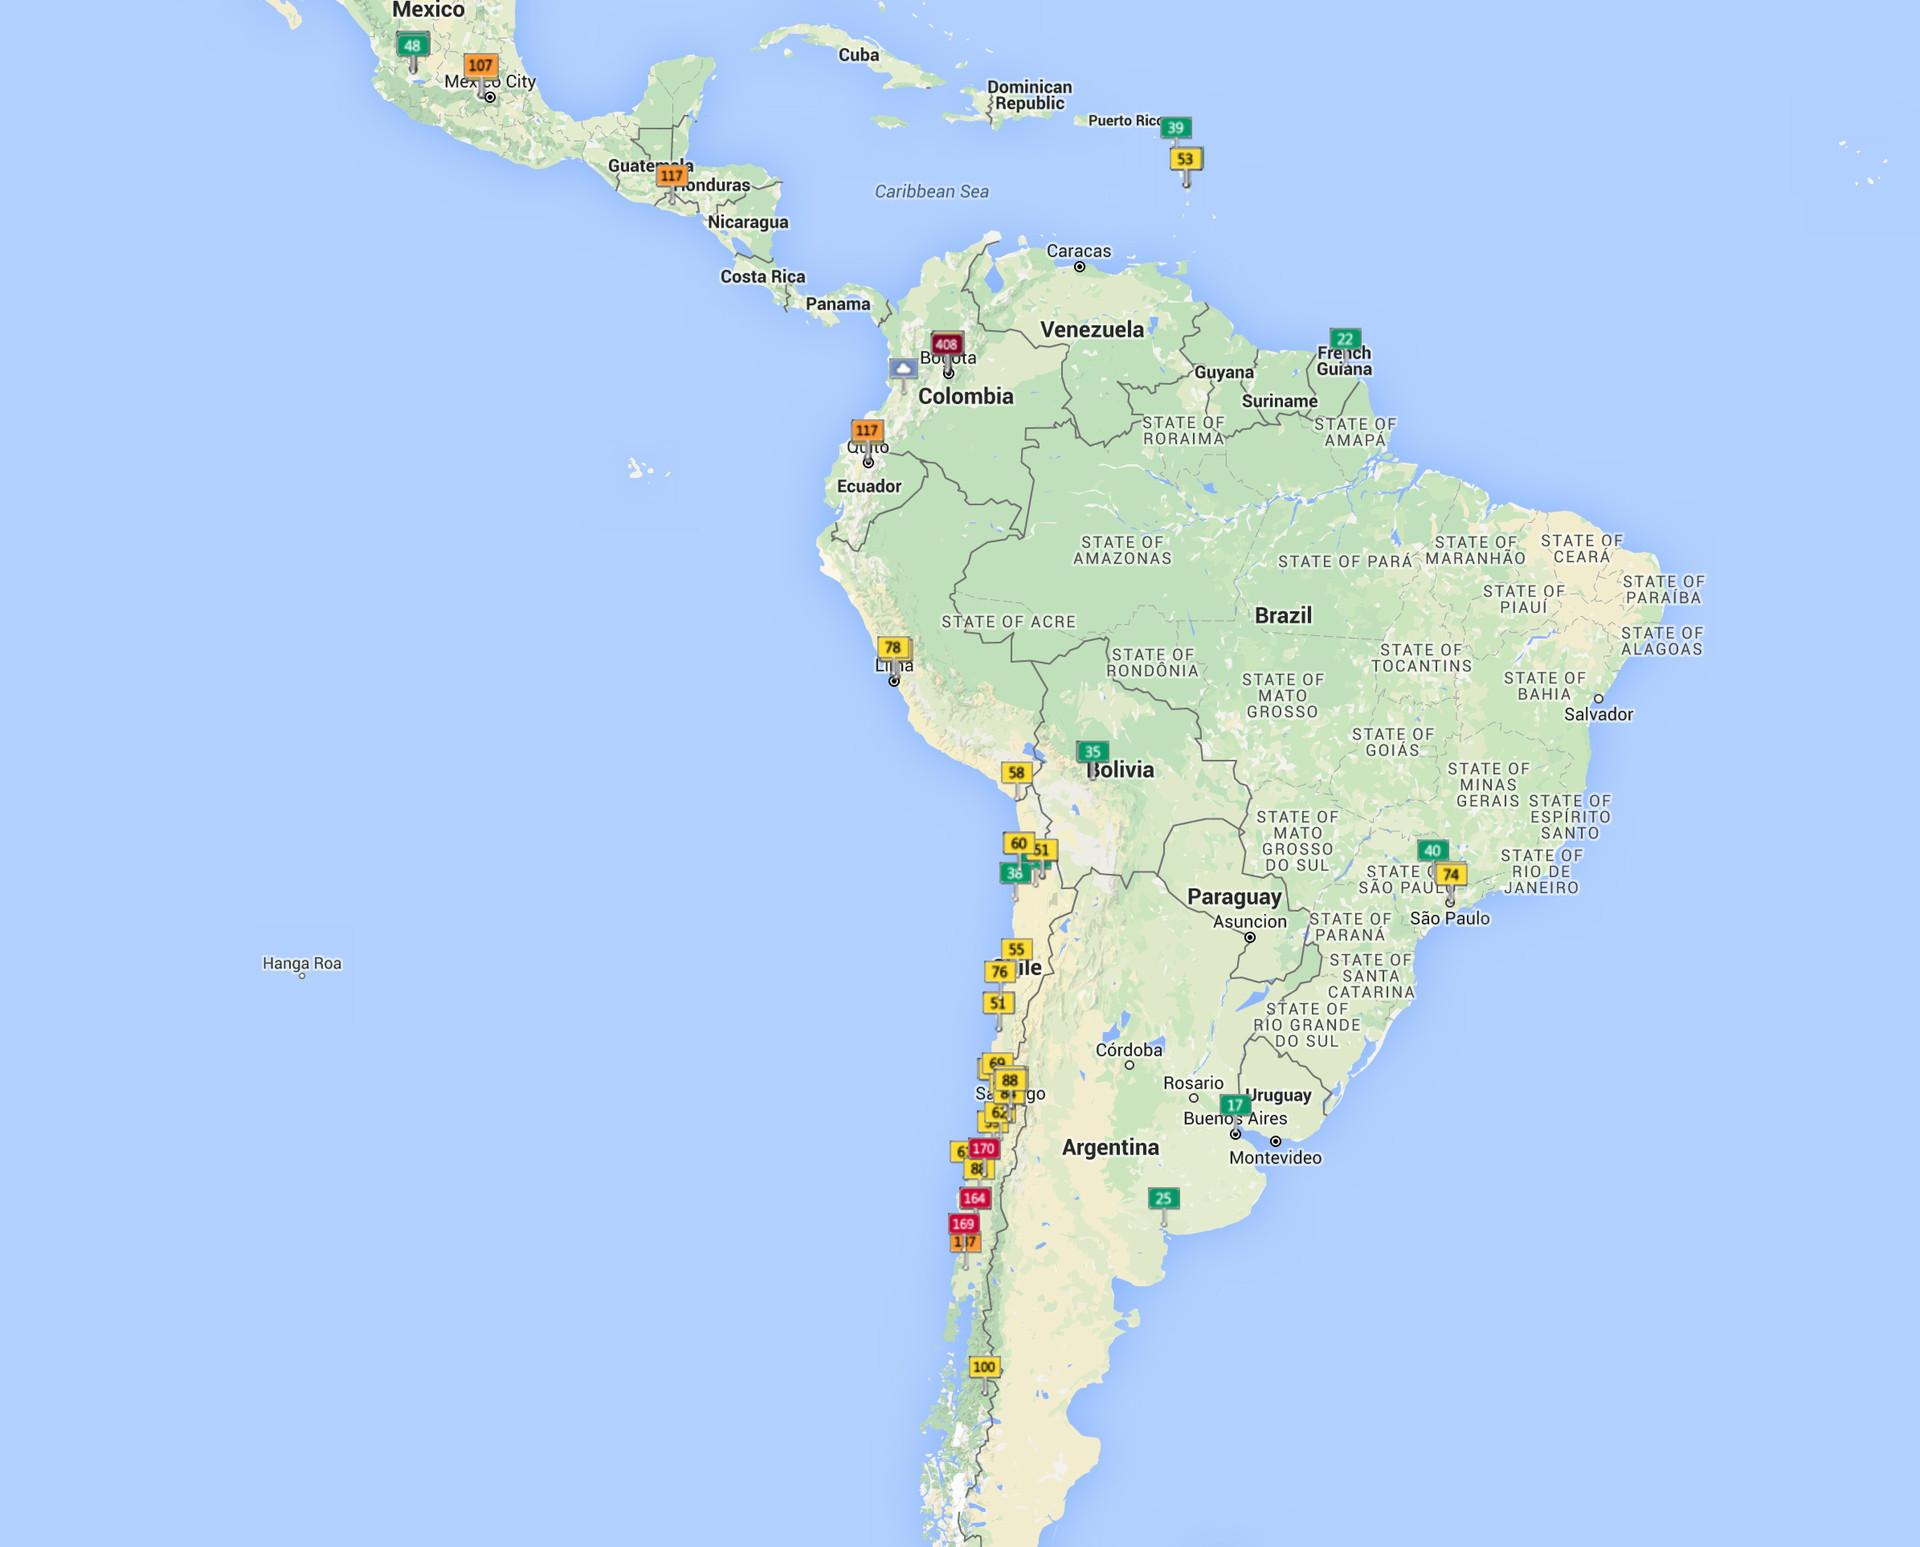 El mapa interactivo muestra en vivo los niveles de la polución en las ciudades del mundo